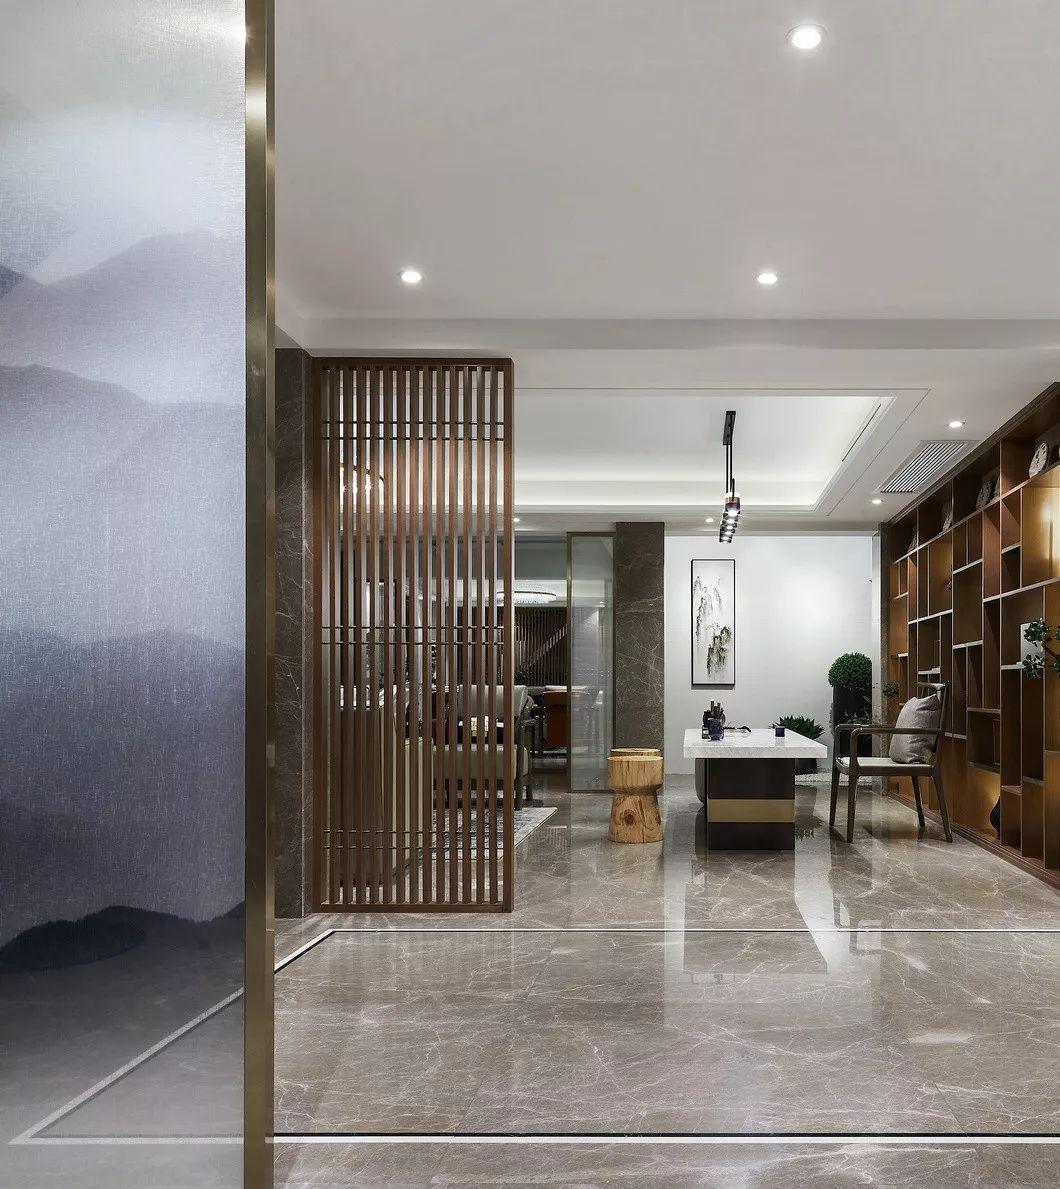 273㎡新中式别墅,竟然可以这么美!_31